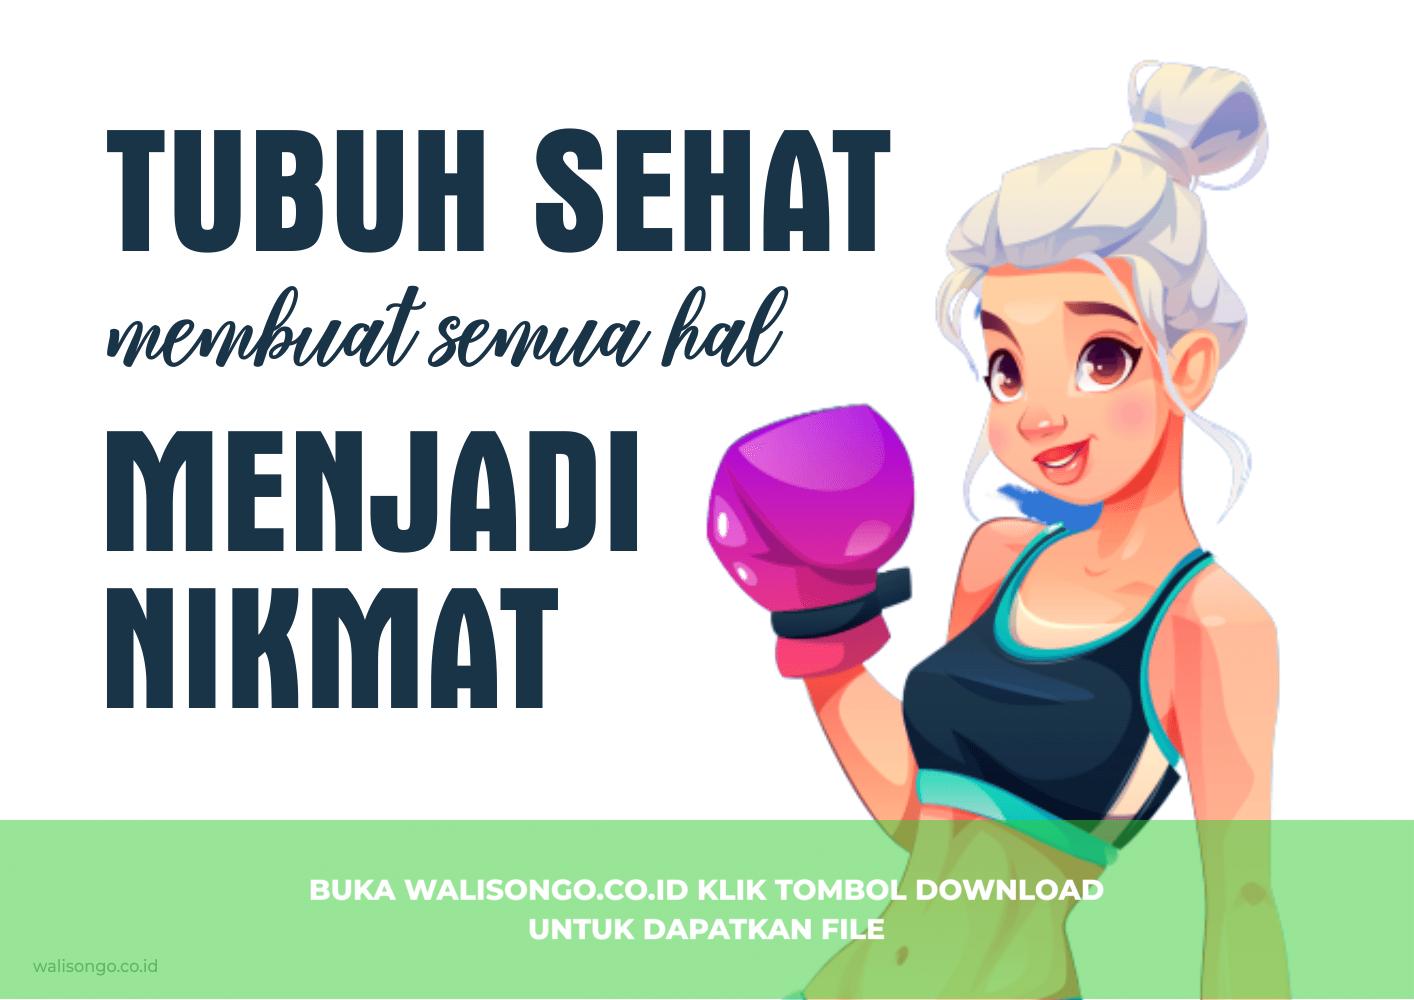 gambar poster kesehatan